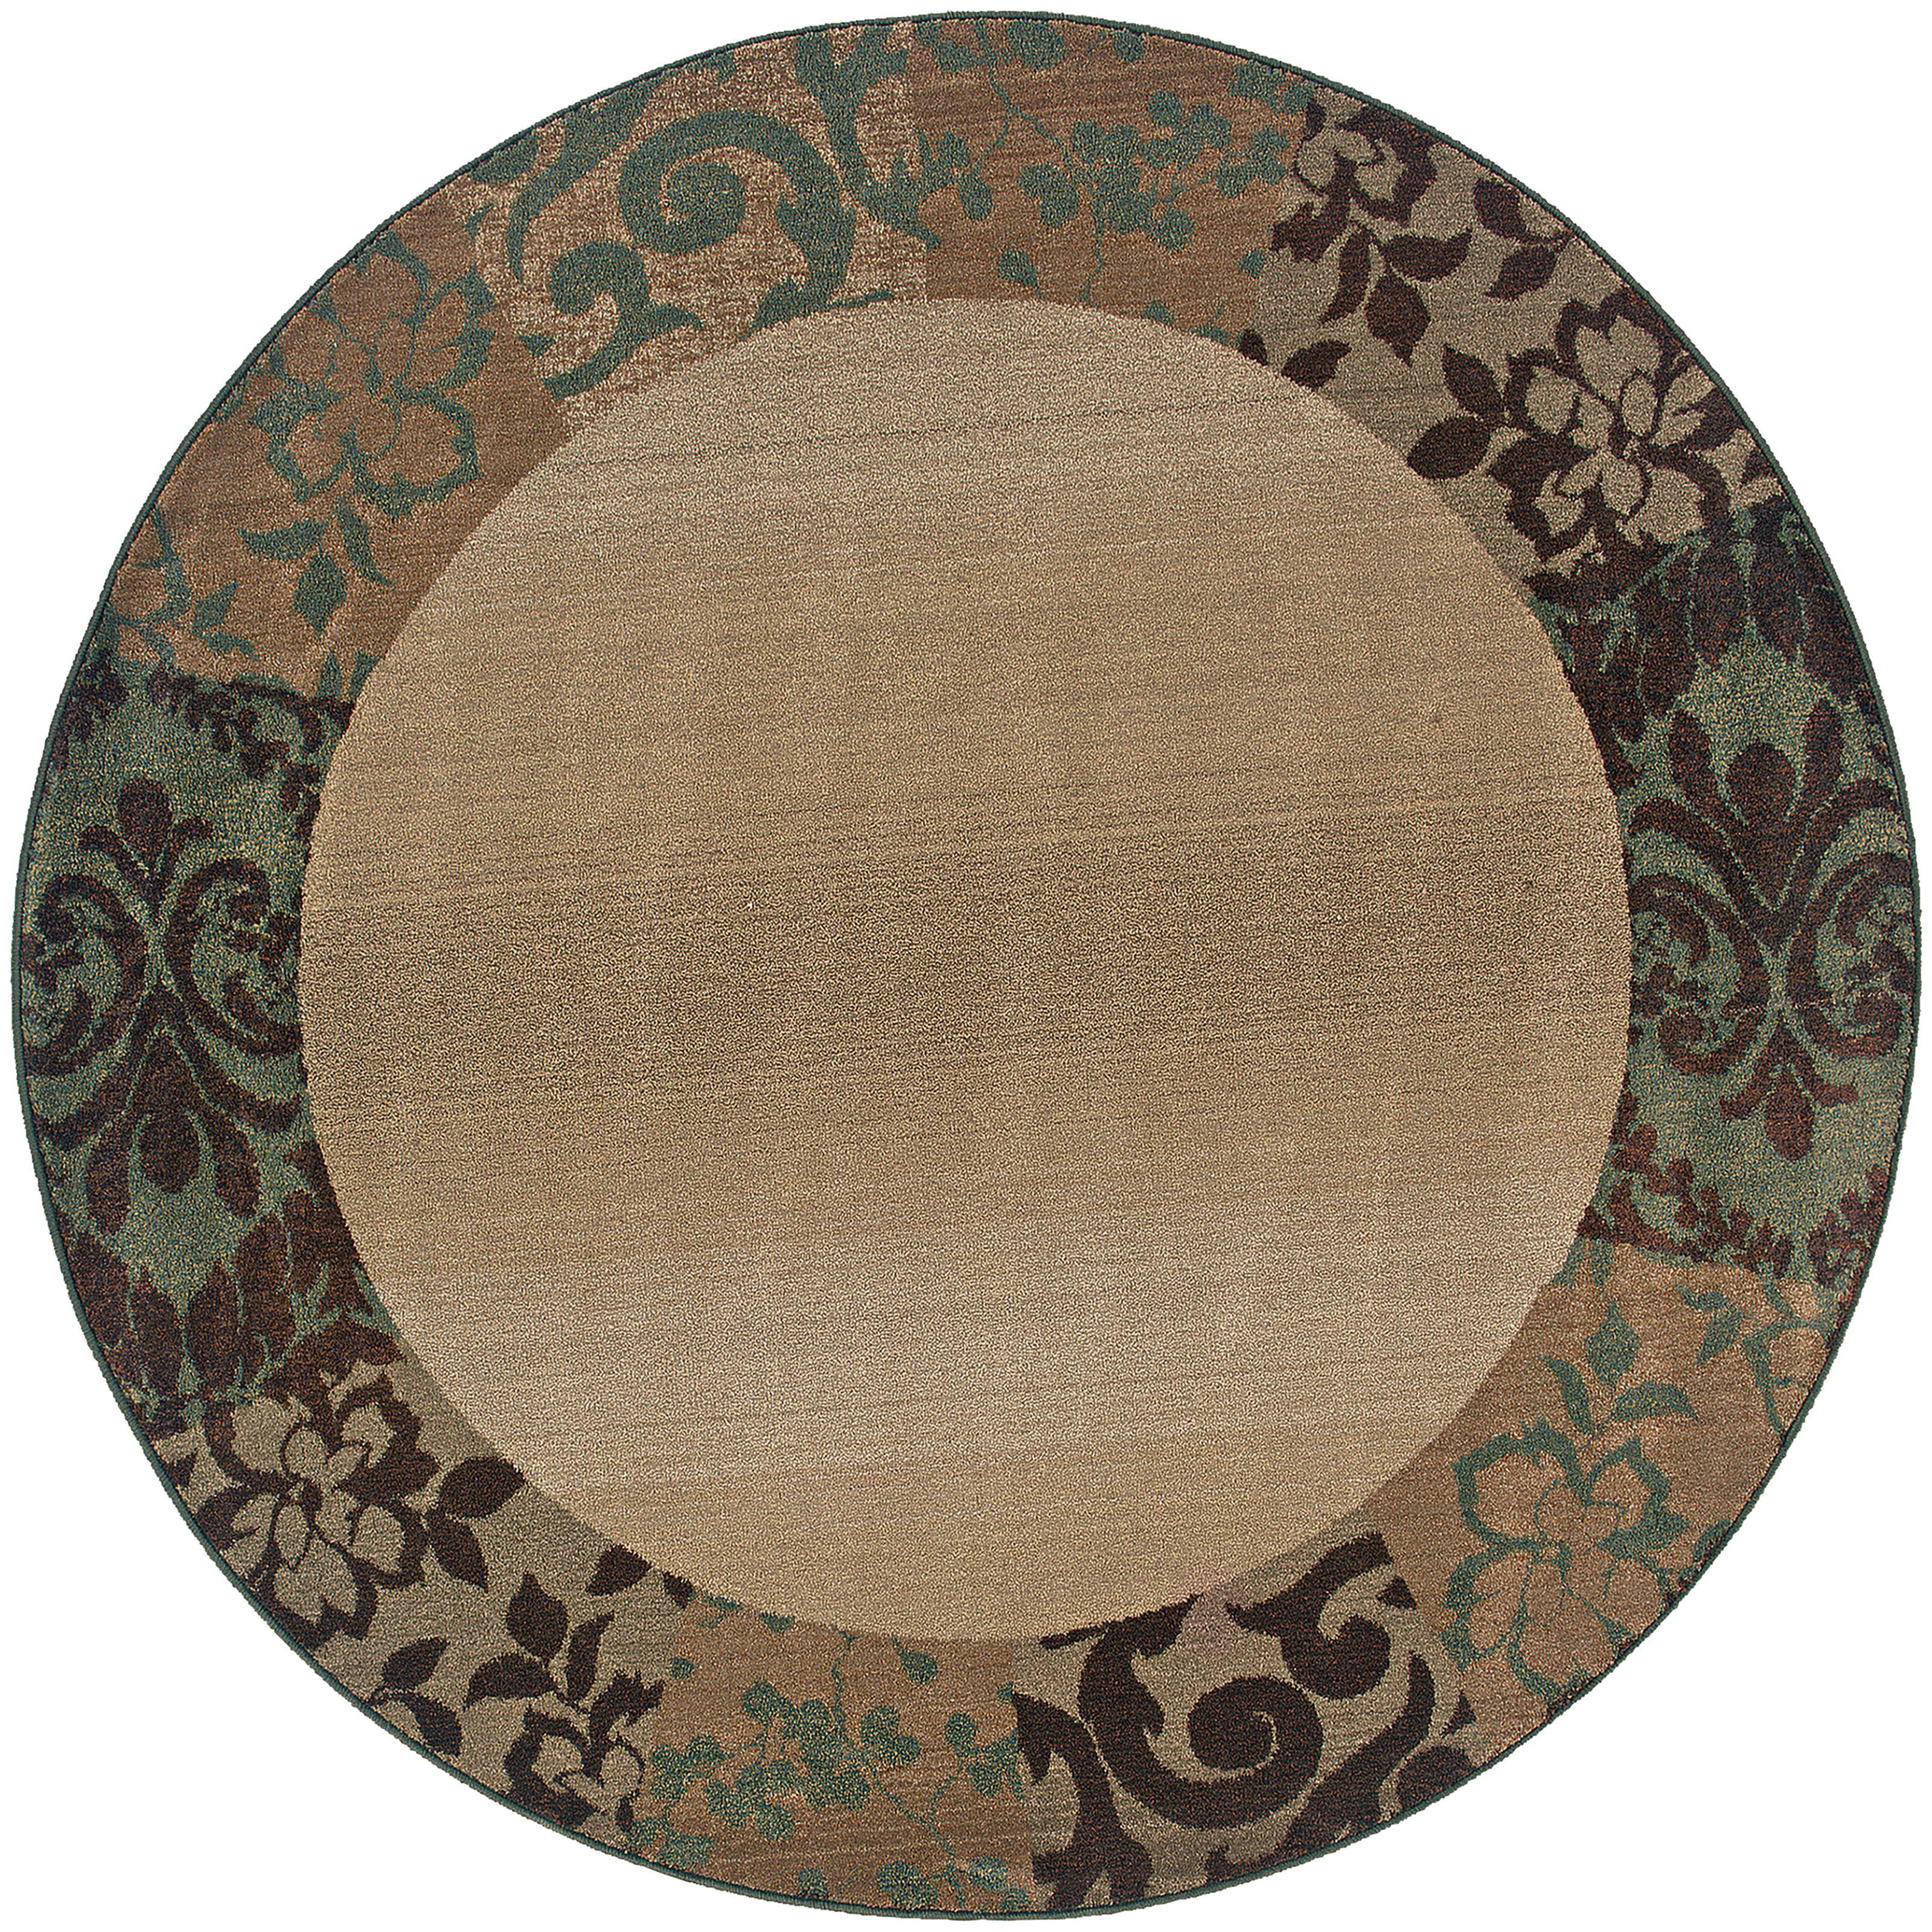 Oriental Weavers Genesis 8' Rug - Item Number: G2060Y240240ST